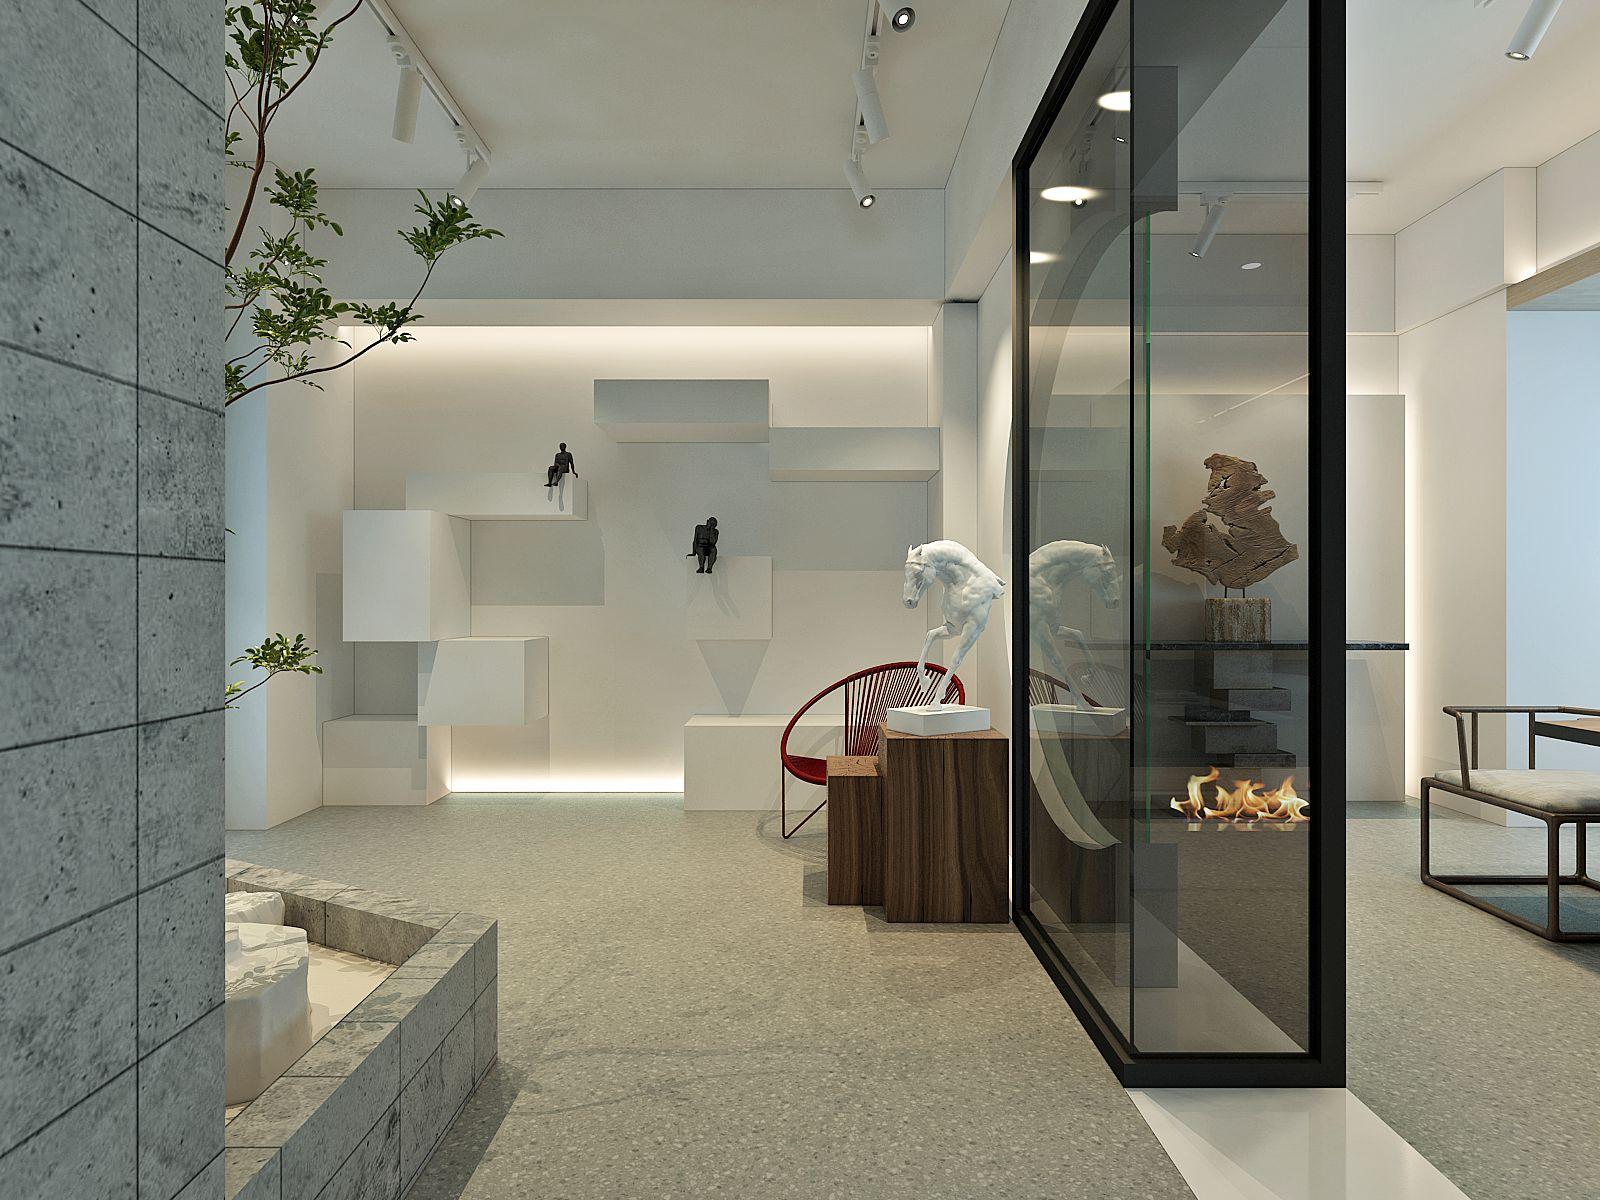 背景墙设计/公装设计/商业空间设计/装修设计/室内设计/施工